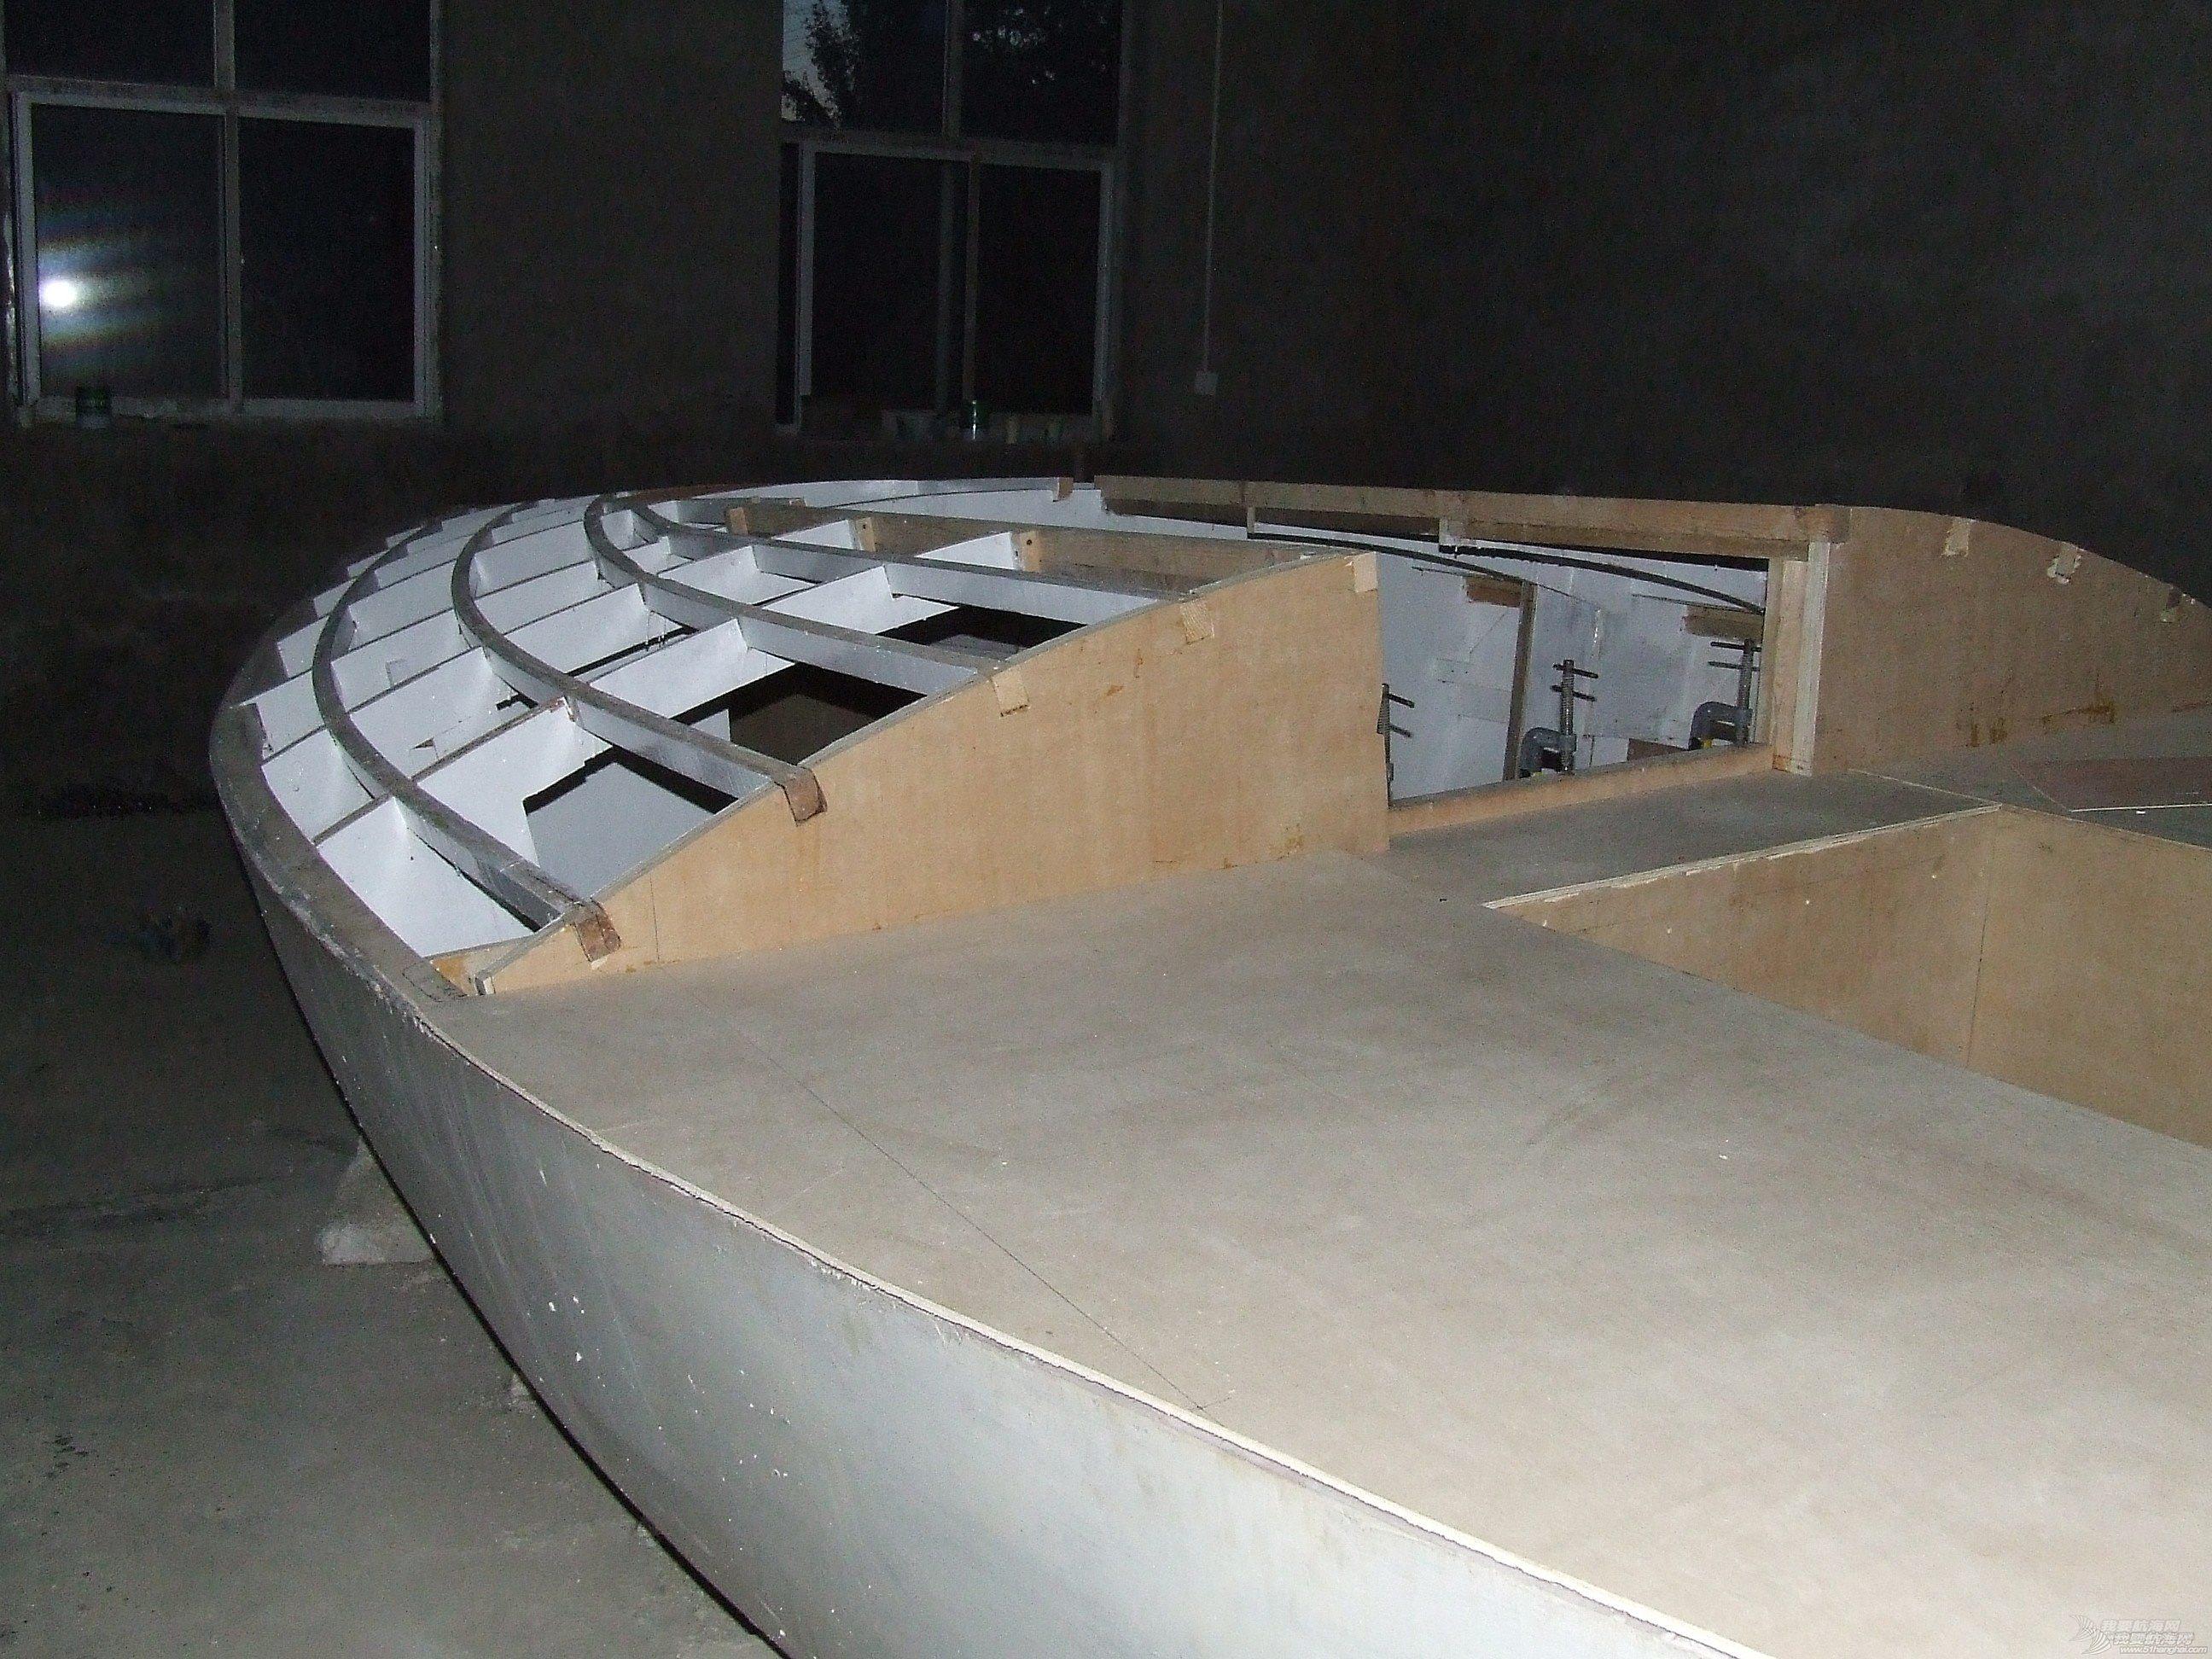 甲板受力区域的补强